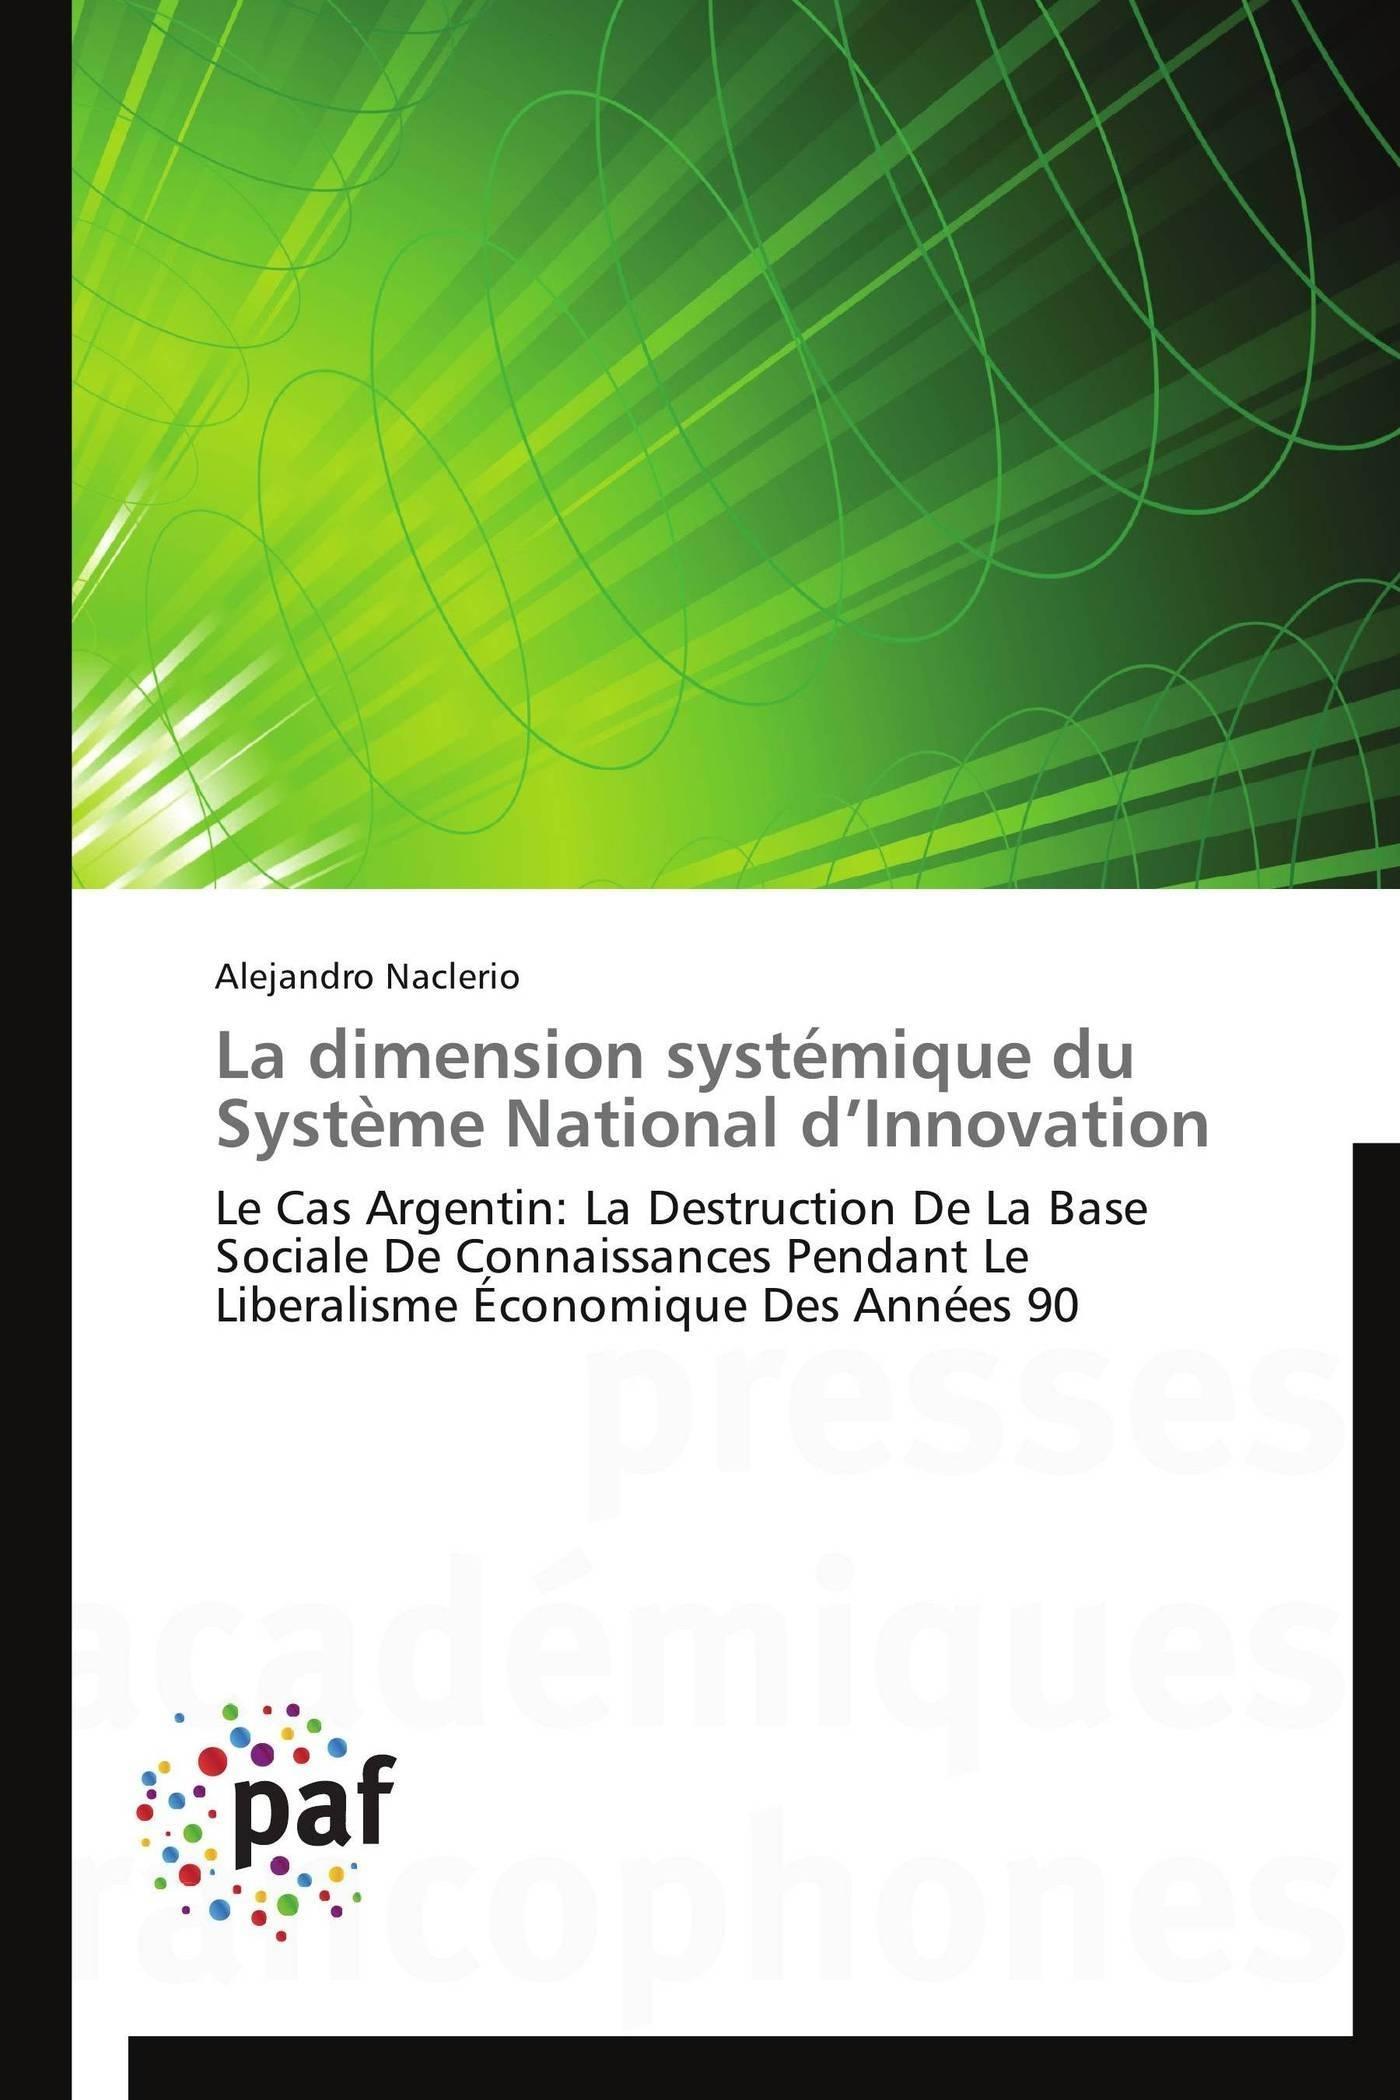 LA DIMENSION SYSTEMIQUE DU SYSTEME NATIONAL D INNOVATION